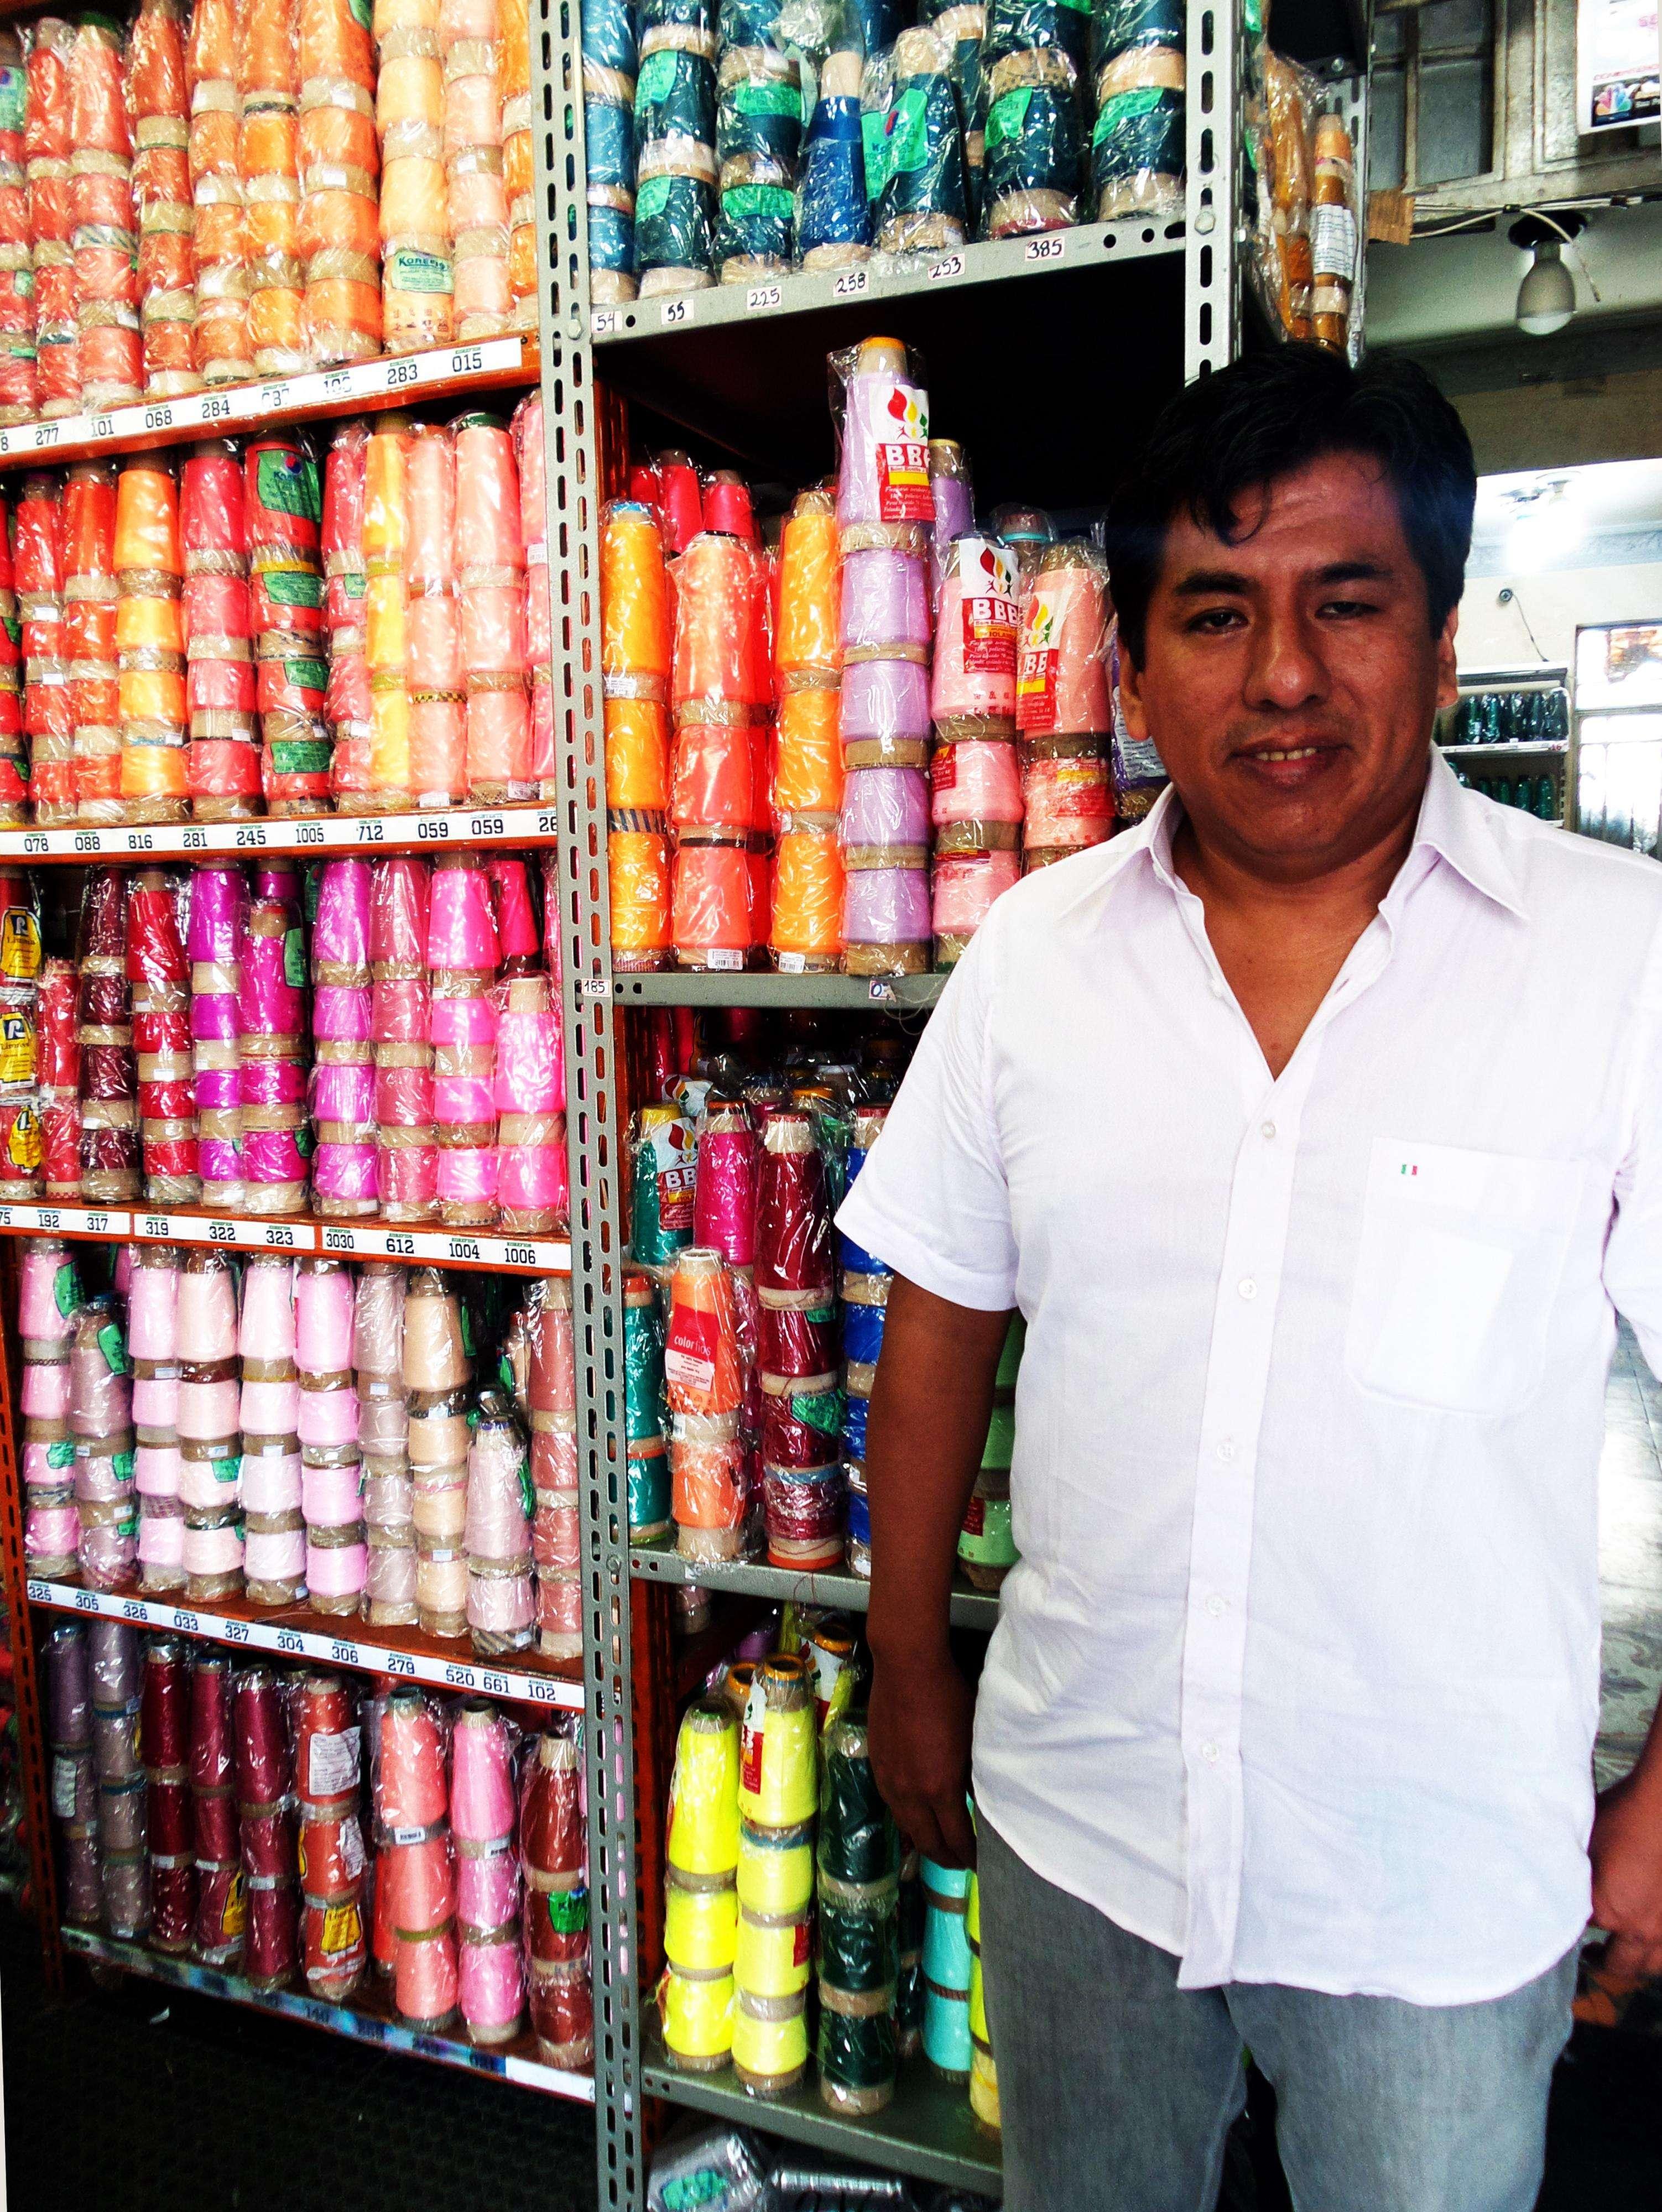 Luis tem uma loja de assessórios para costura na sua rua predileta em São Paulo, a Coimbra Foto: Ana Lis Soares/Especial para Terra